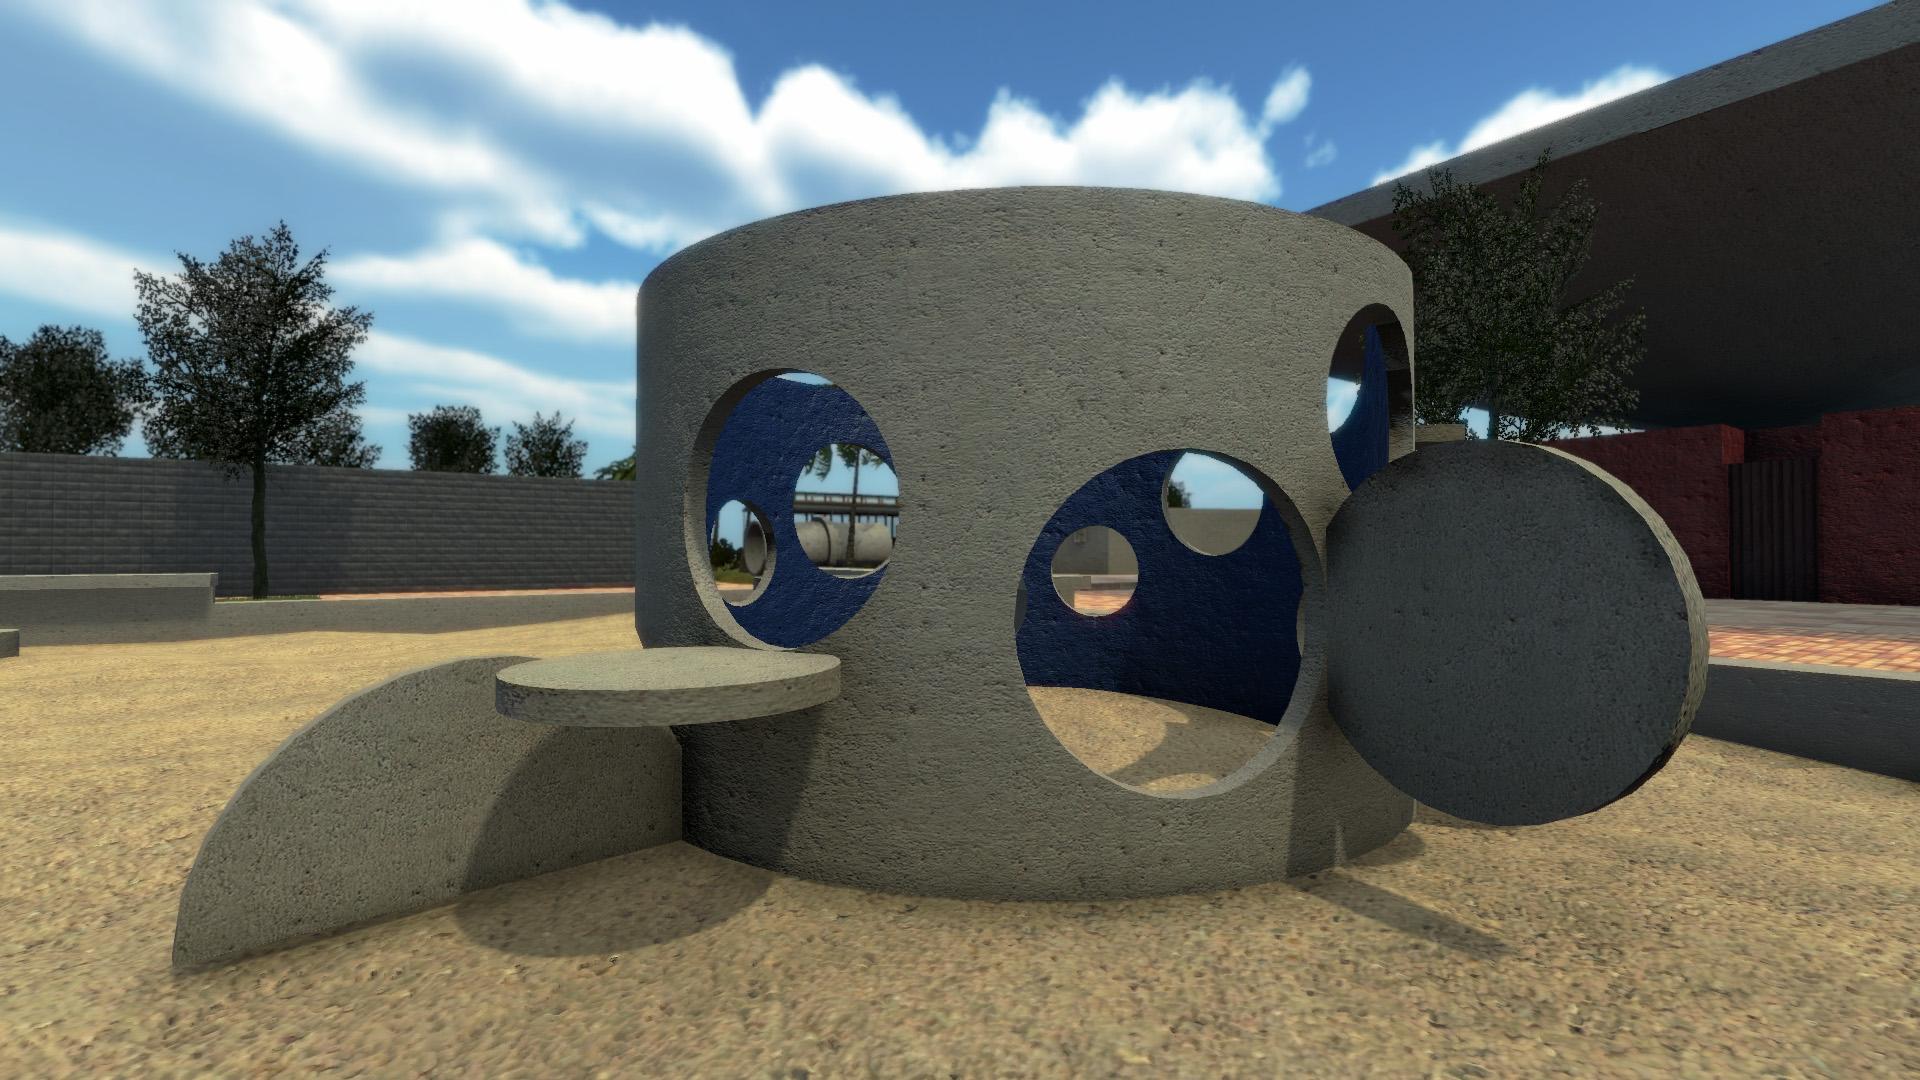 Esperia Club's Playground